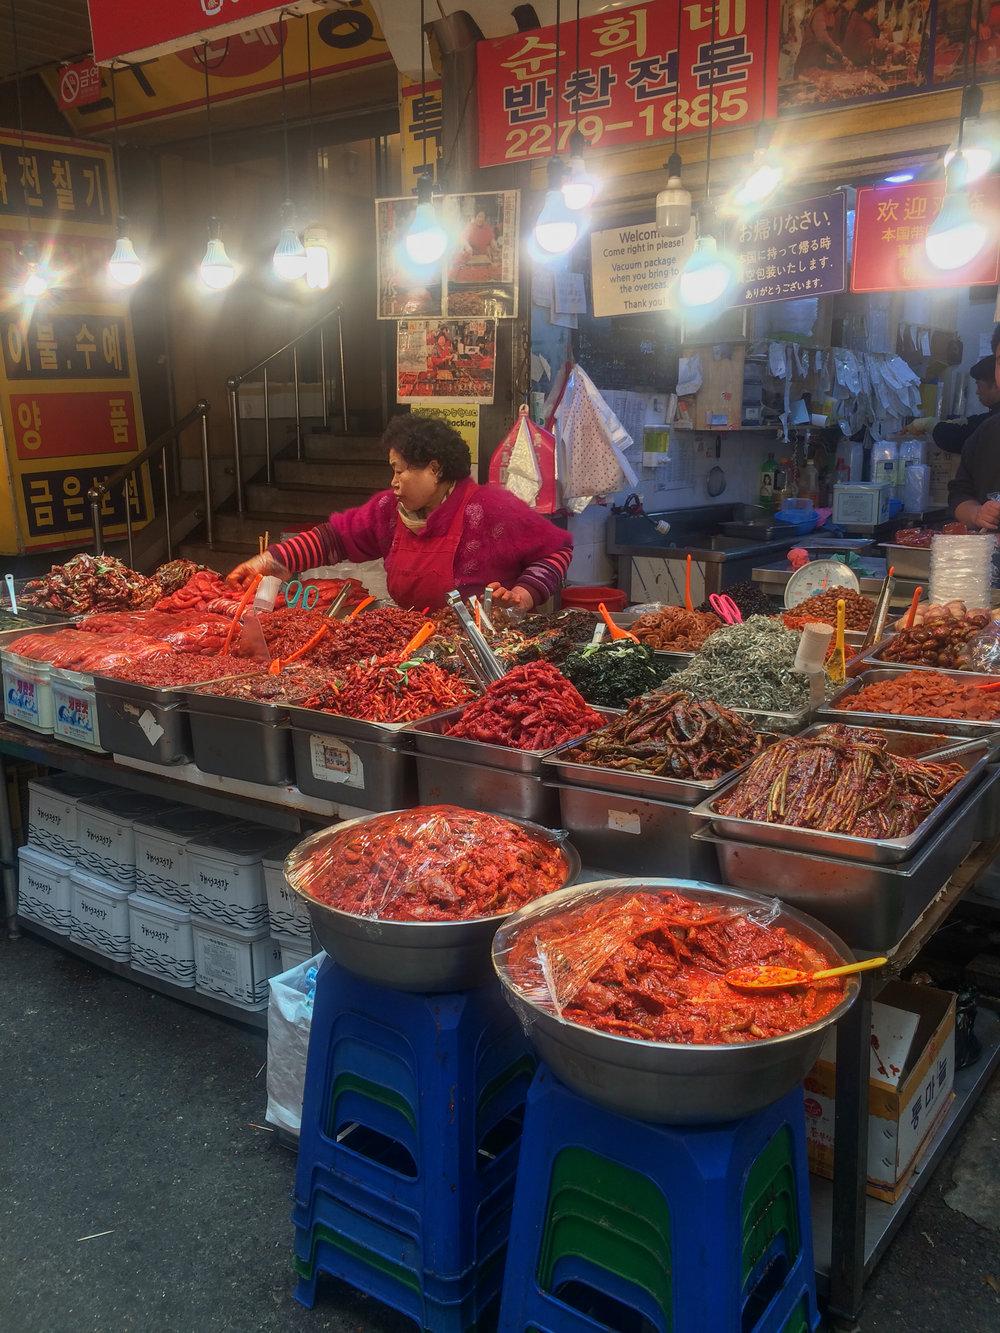 Kimchi vendor